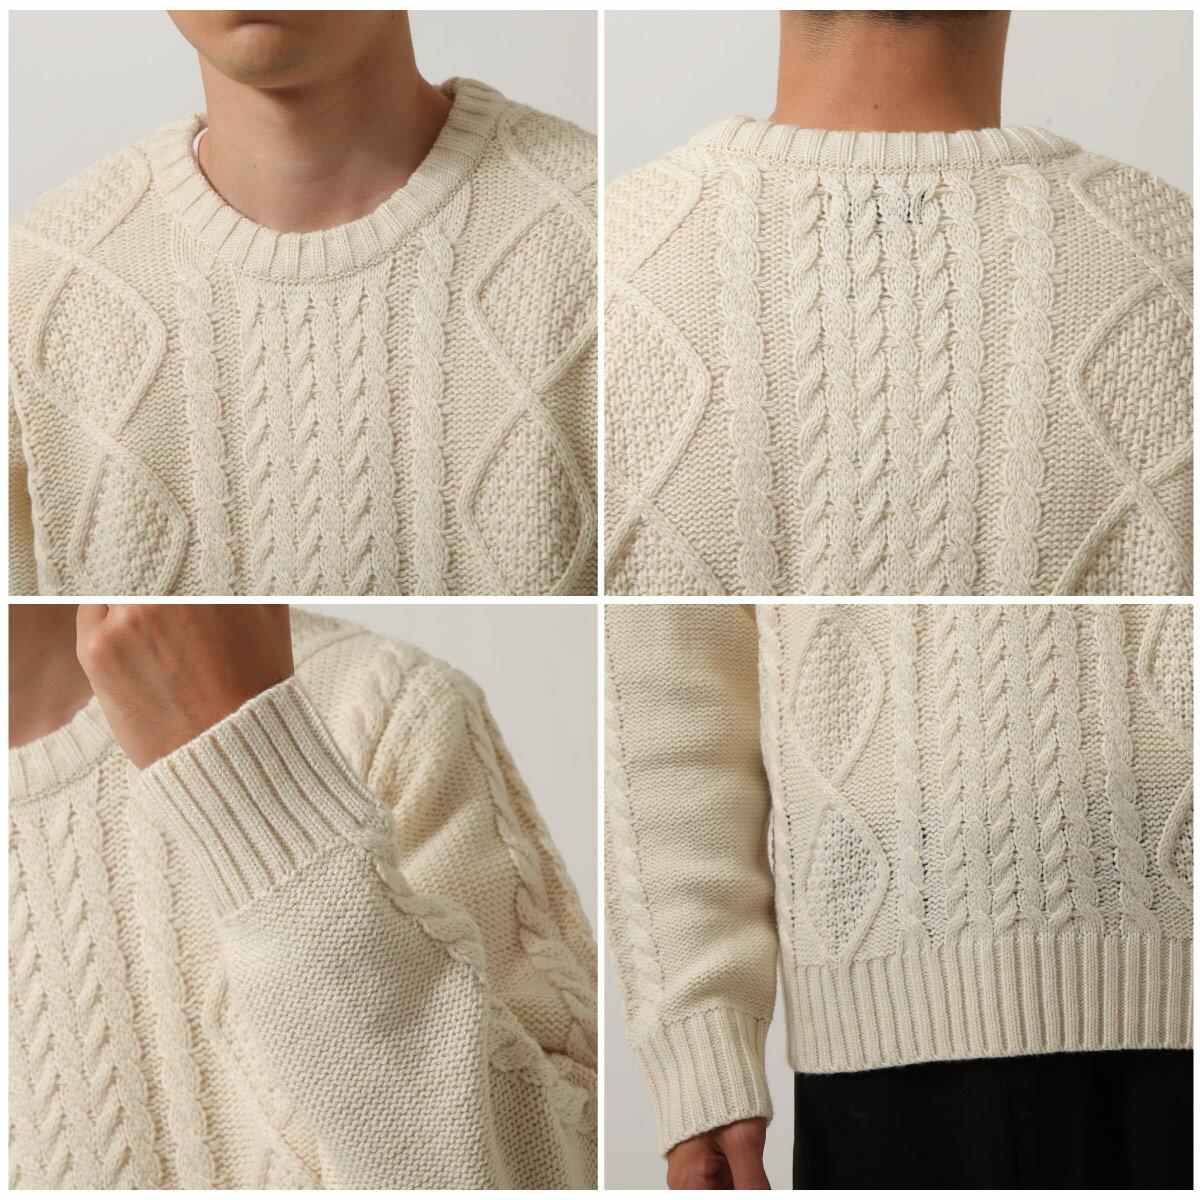 麻花編織針織毛衣 素色  MF這樣變型男特別曝光款 5